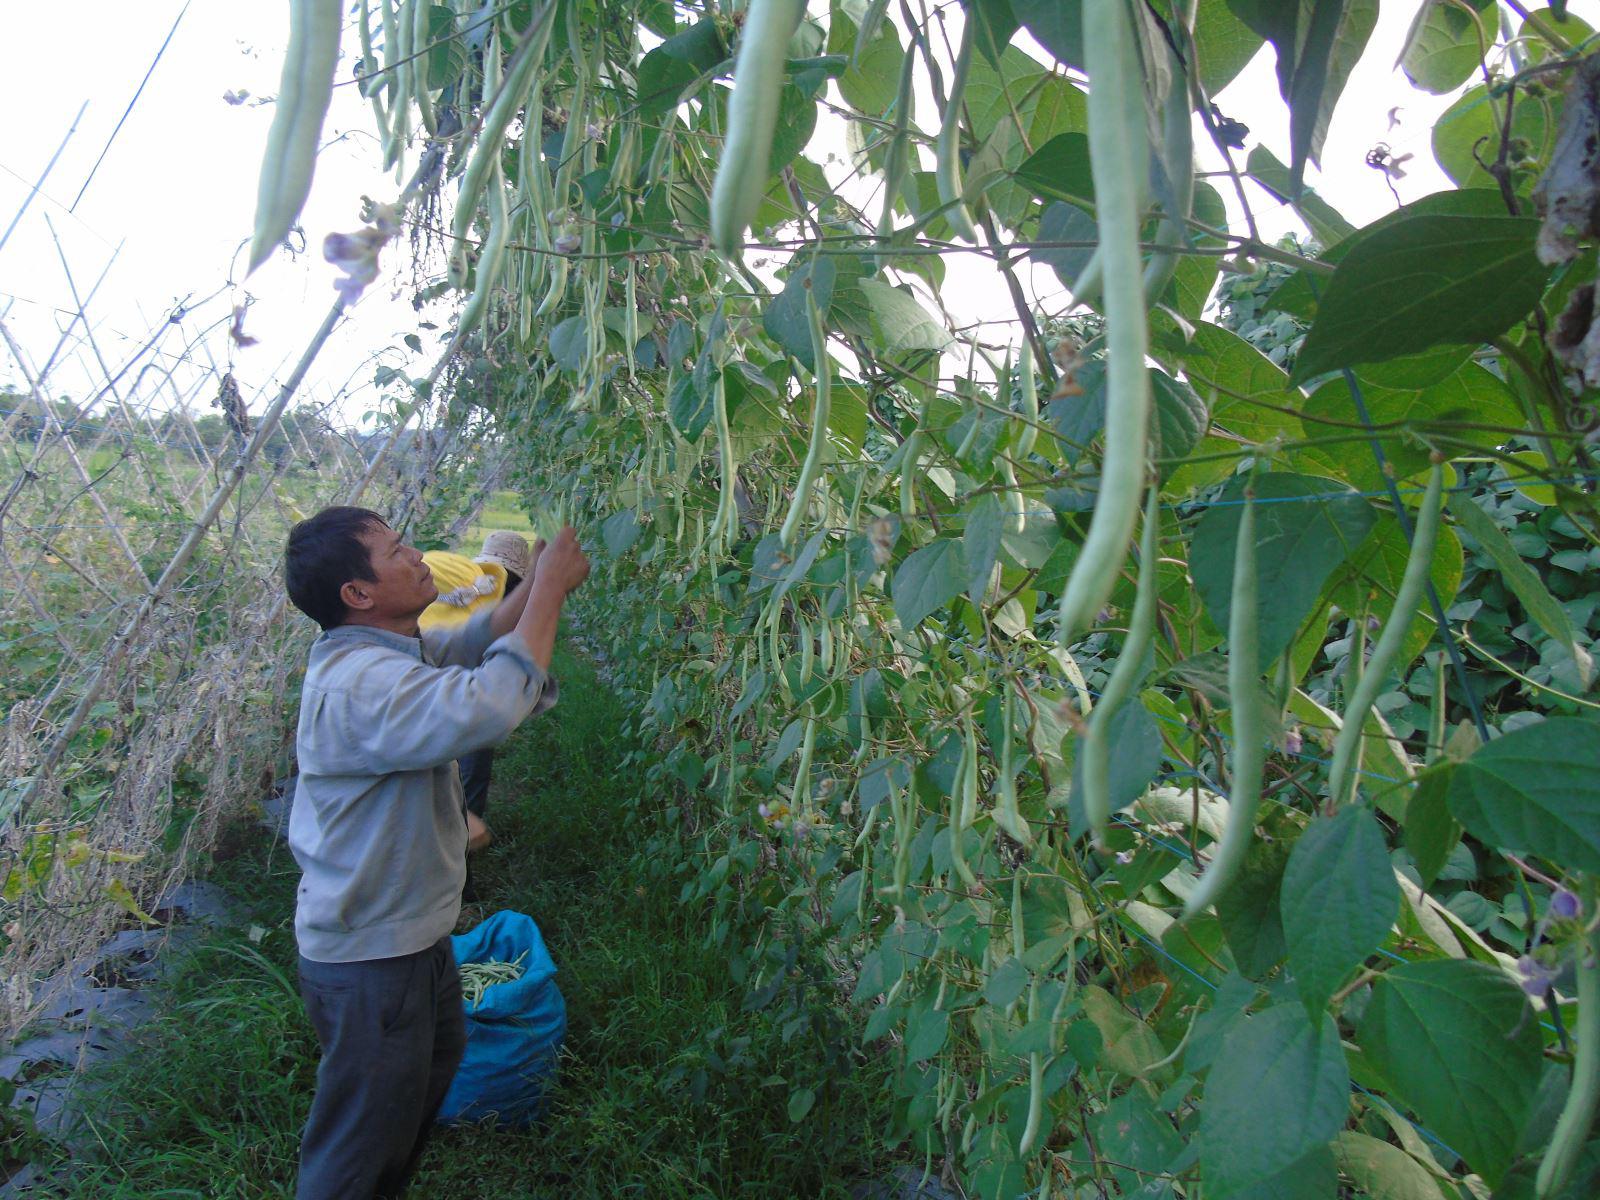 Phú Yên: Trồng đậu co ve trên đất lúa, trái ra quá trời, hái mỏi cả tay, nhưng thu nhập cao - Ảnh 1.